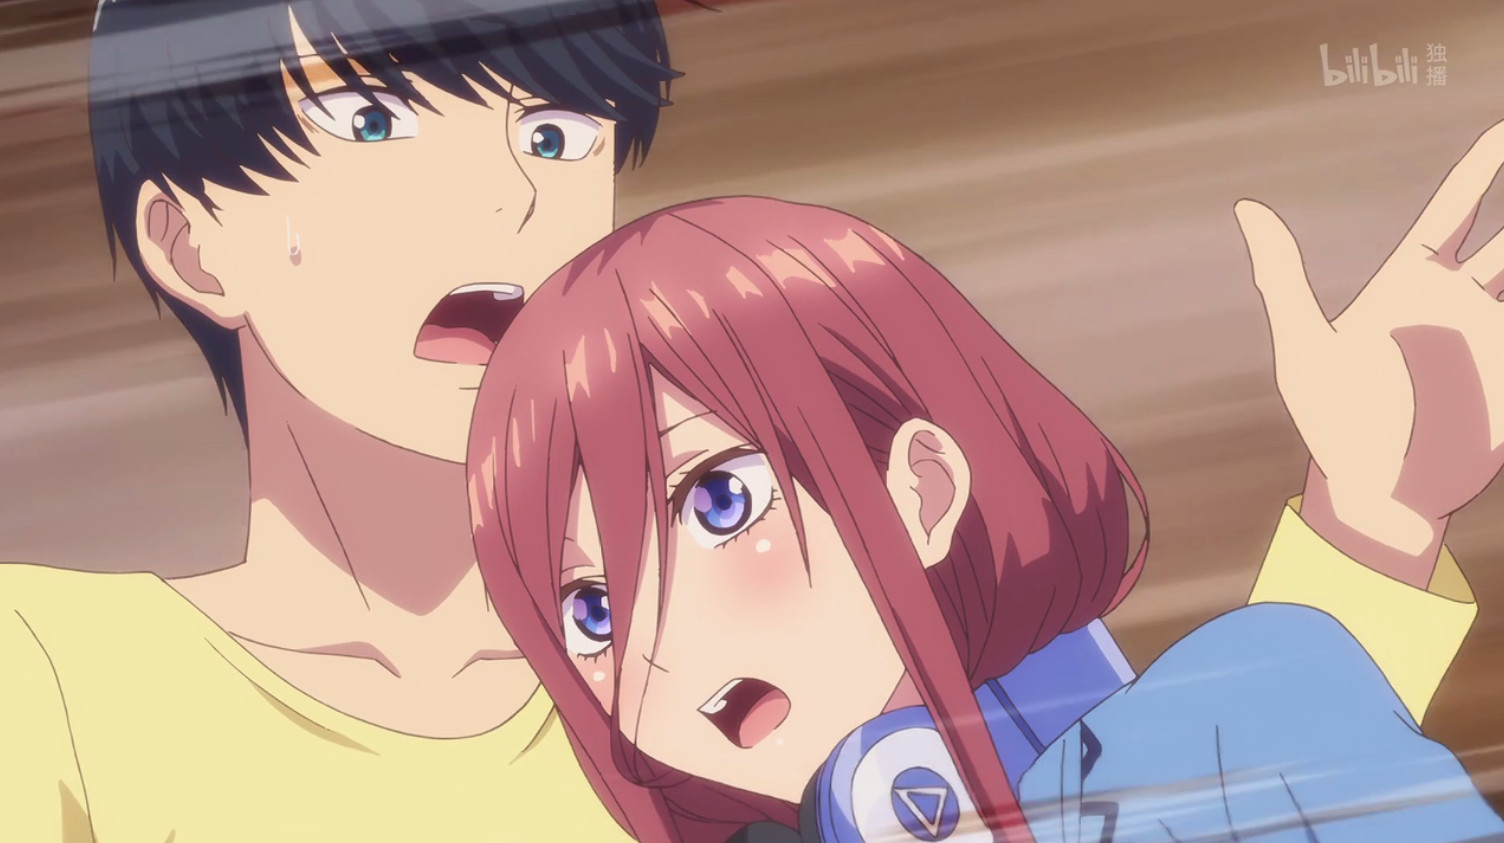 五等分的花嫁06集:一花撮合三玖和风太郎,三玖的表情很有趣!图片